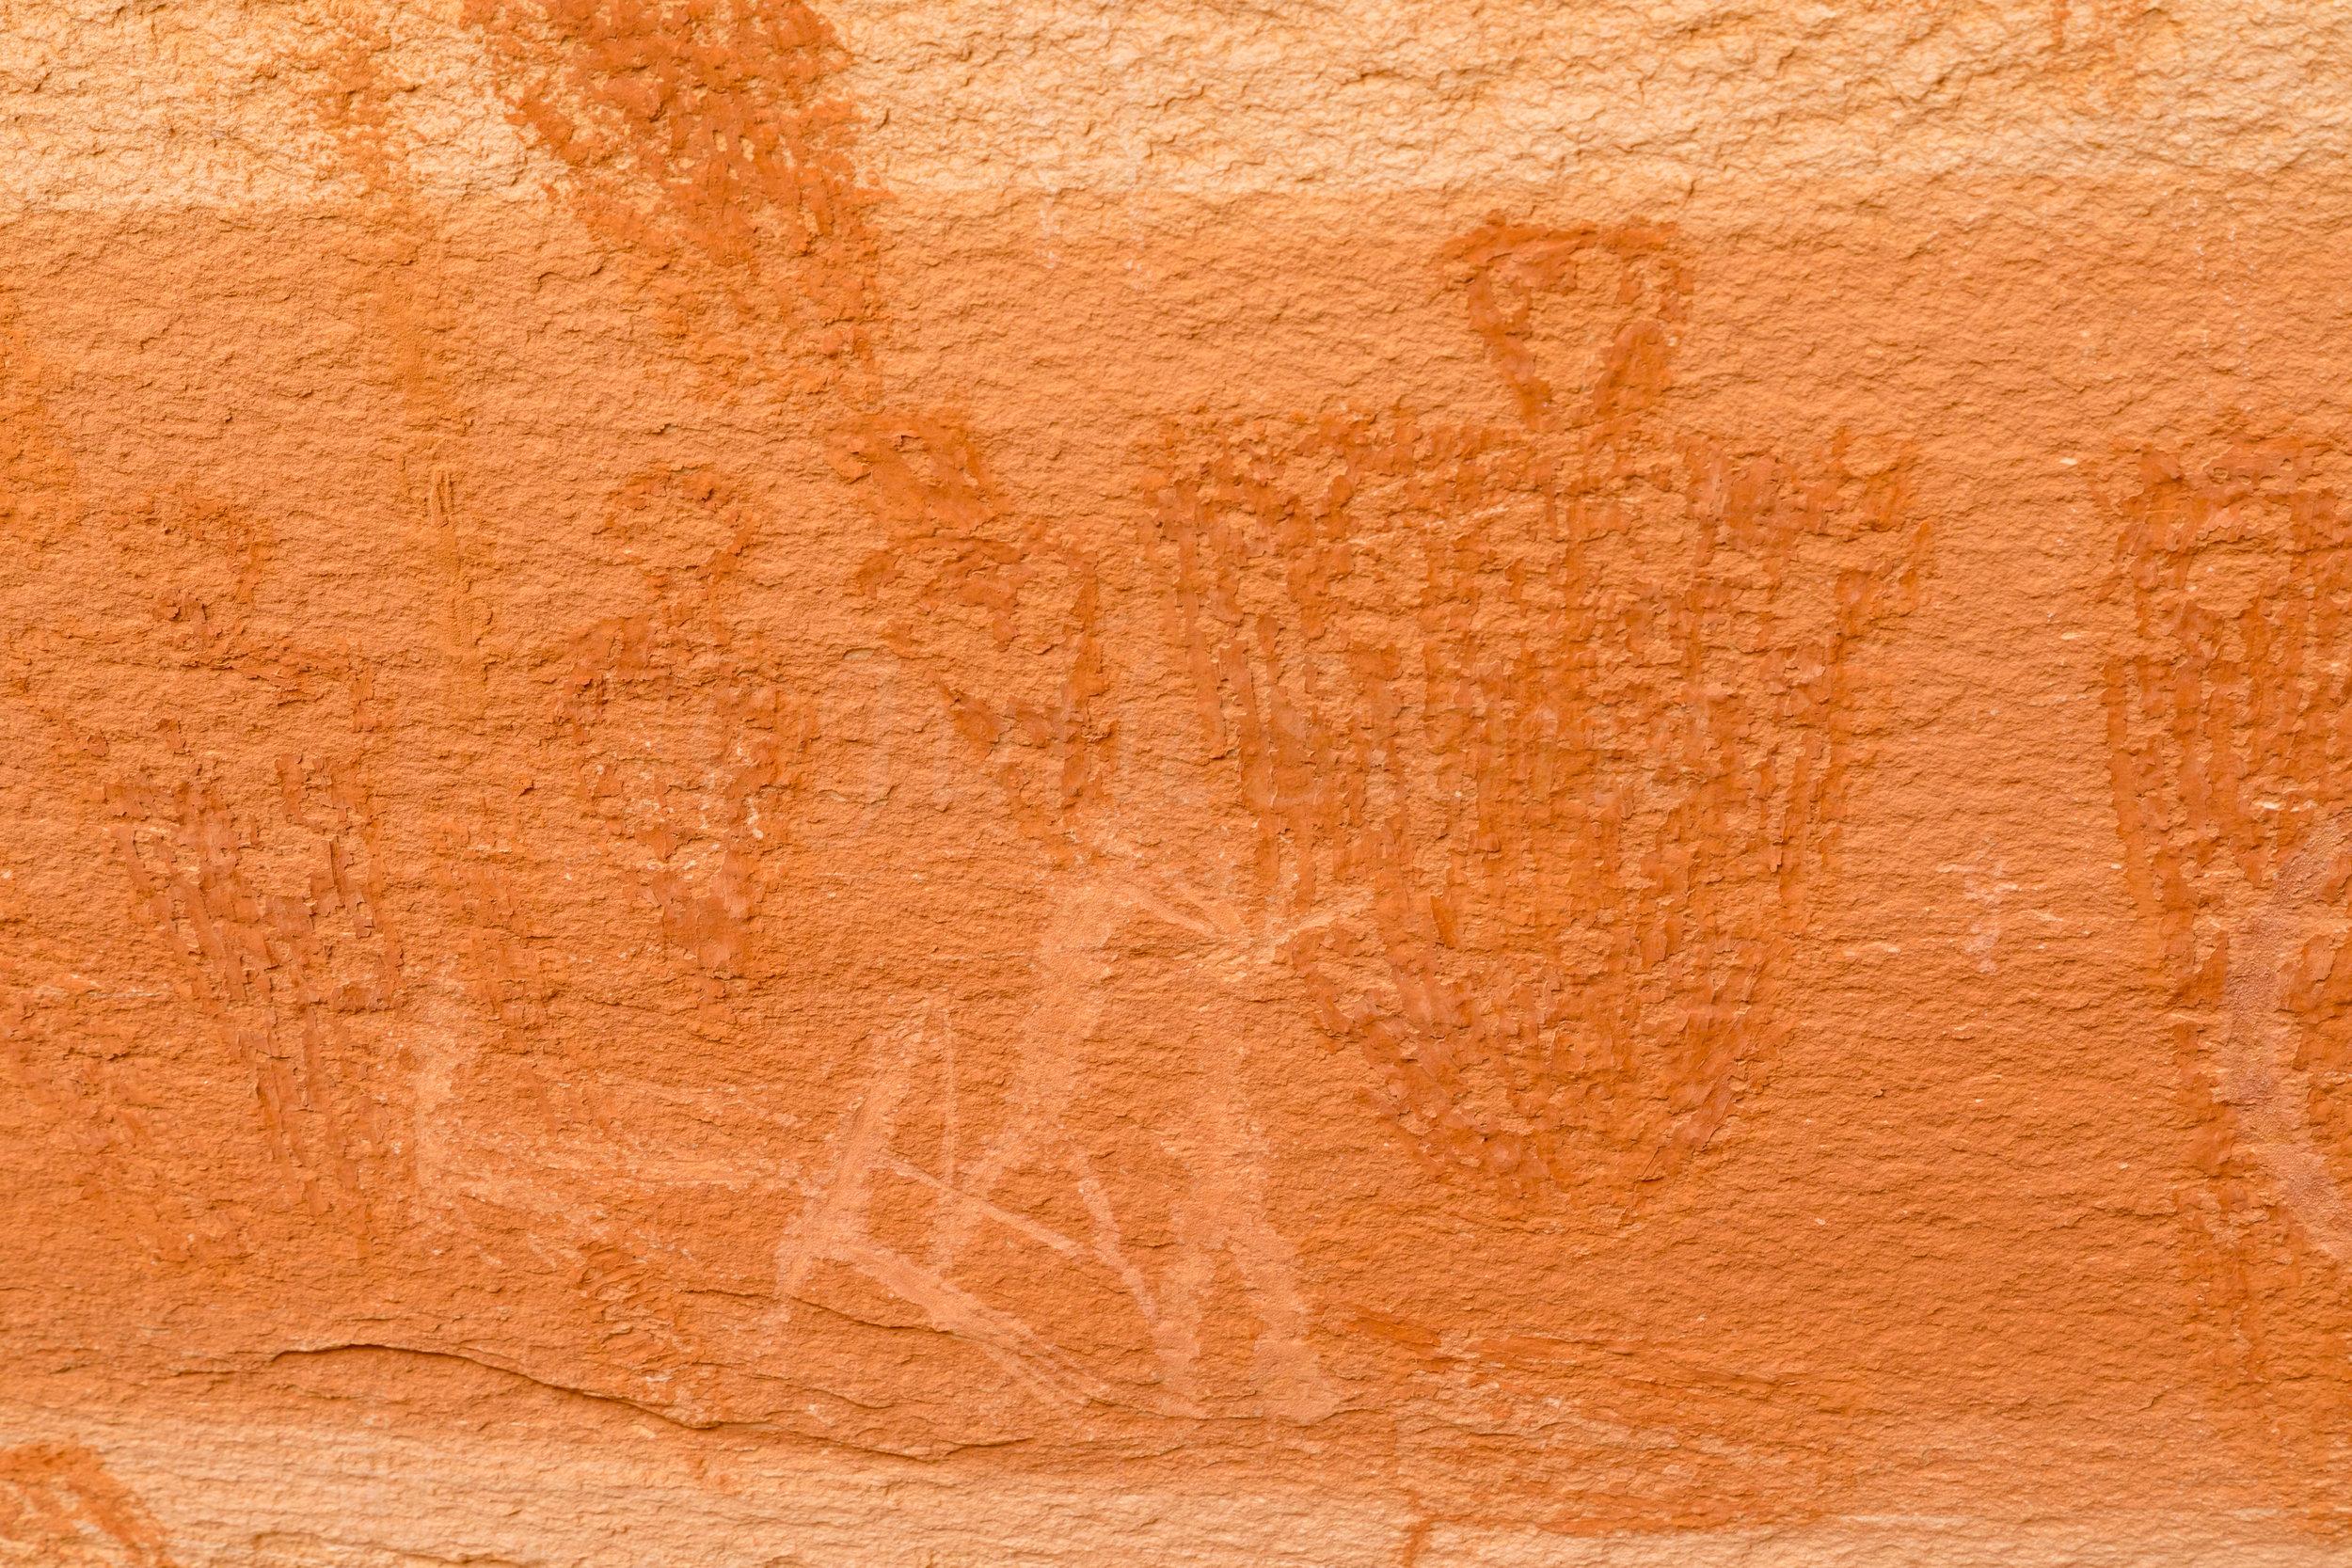 Horseshoe Canyon, Image # 8902